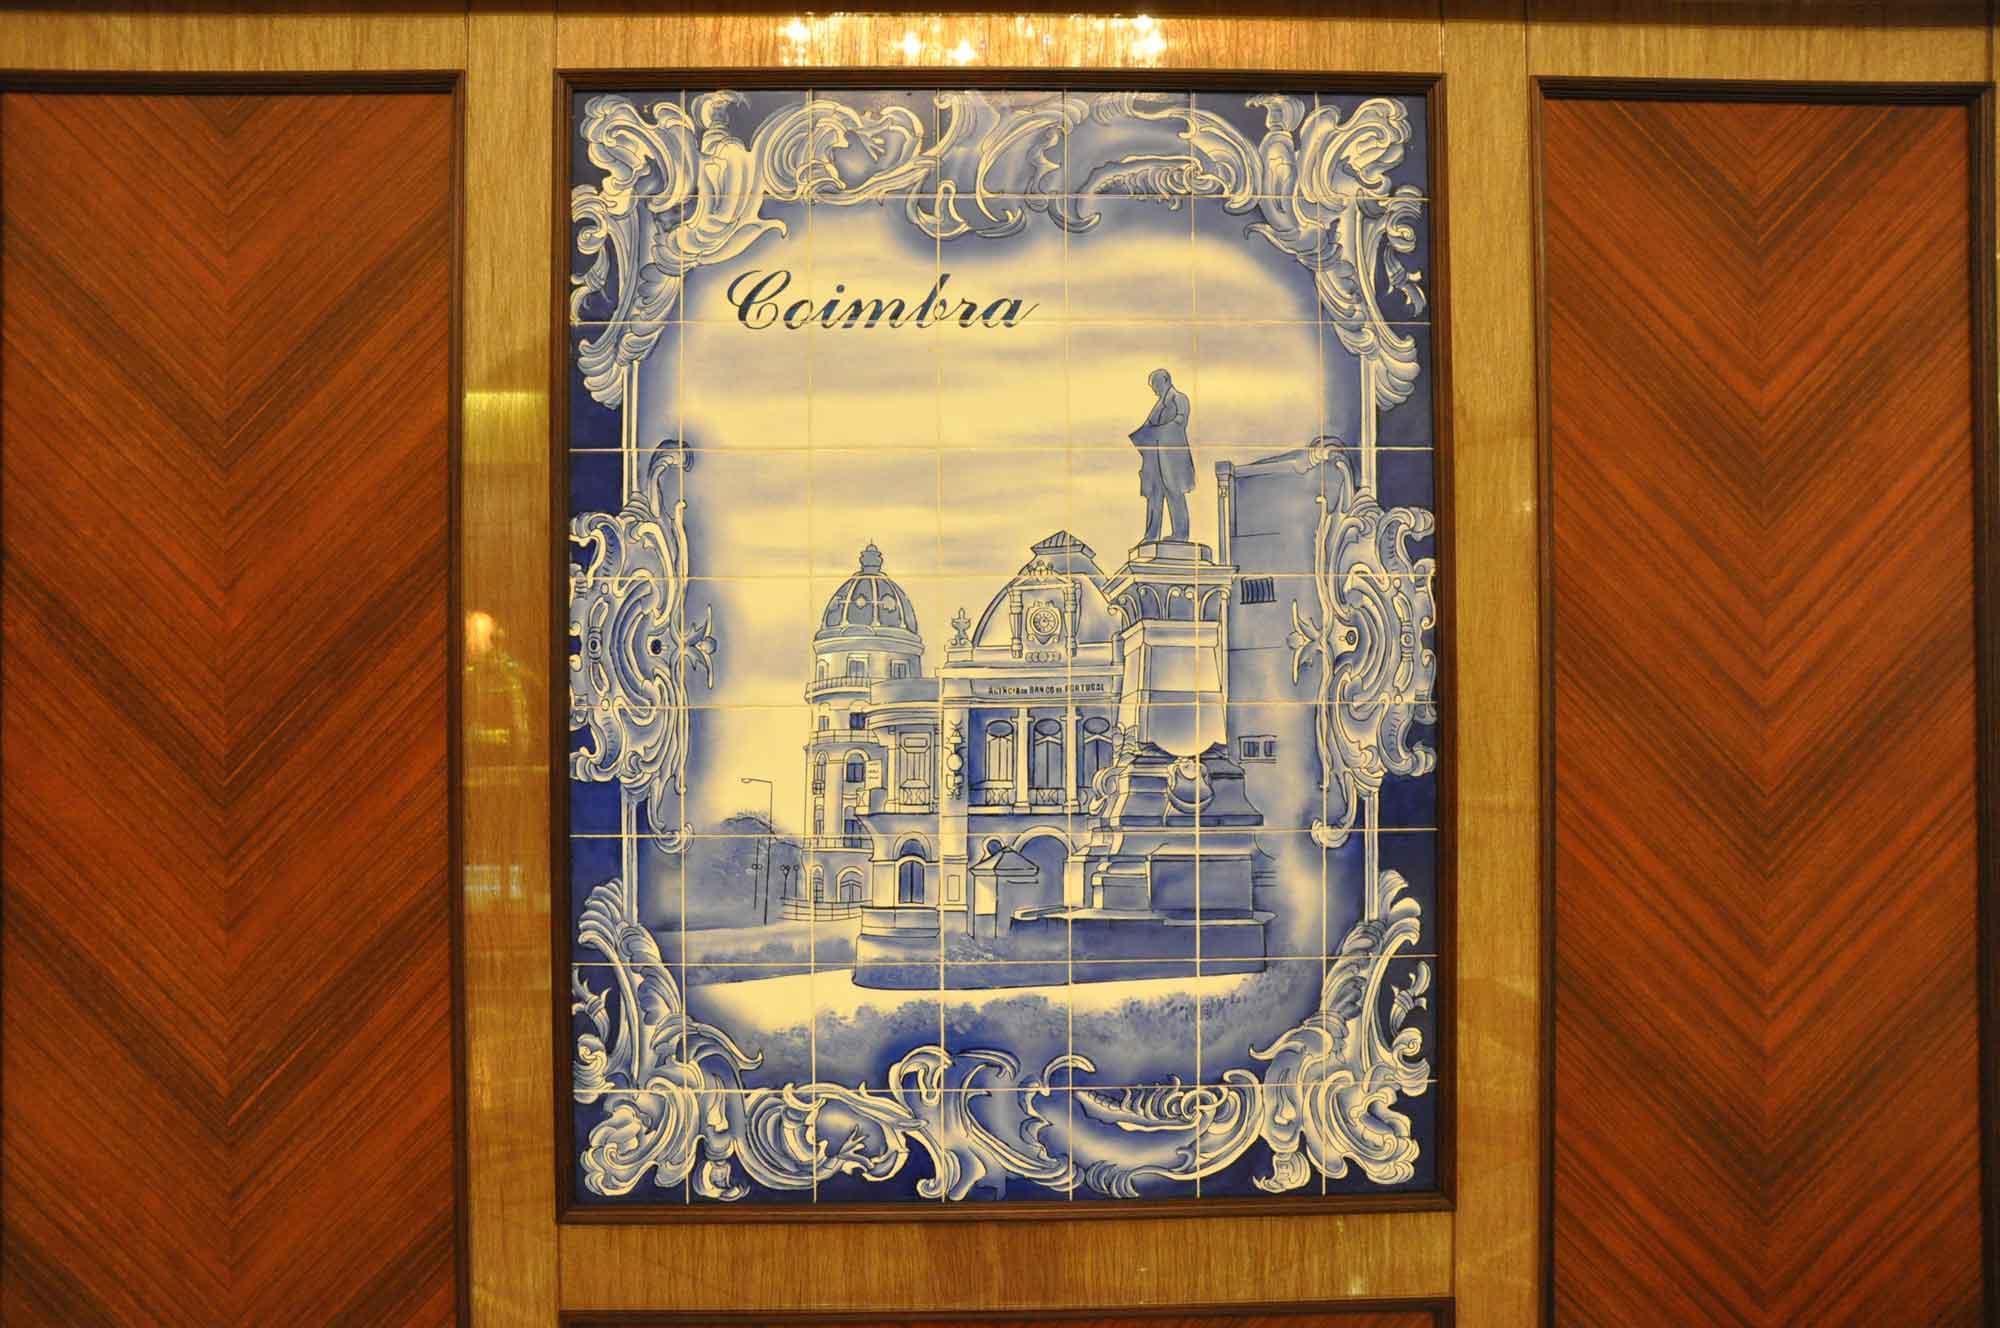 Casa Real Coimbra azulejo